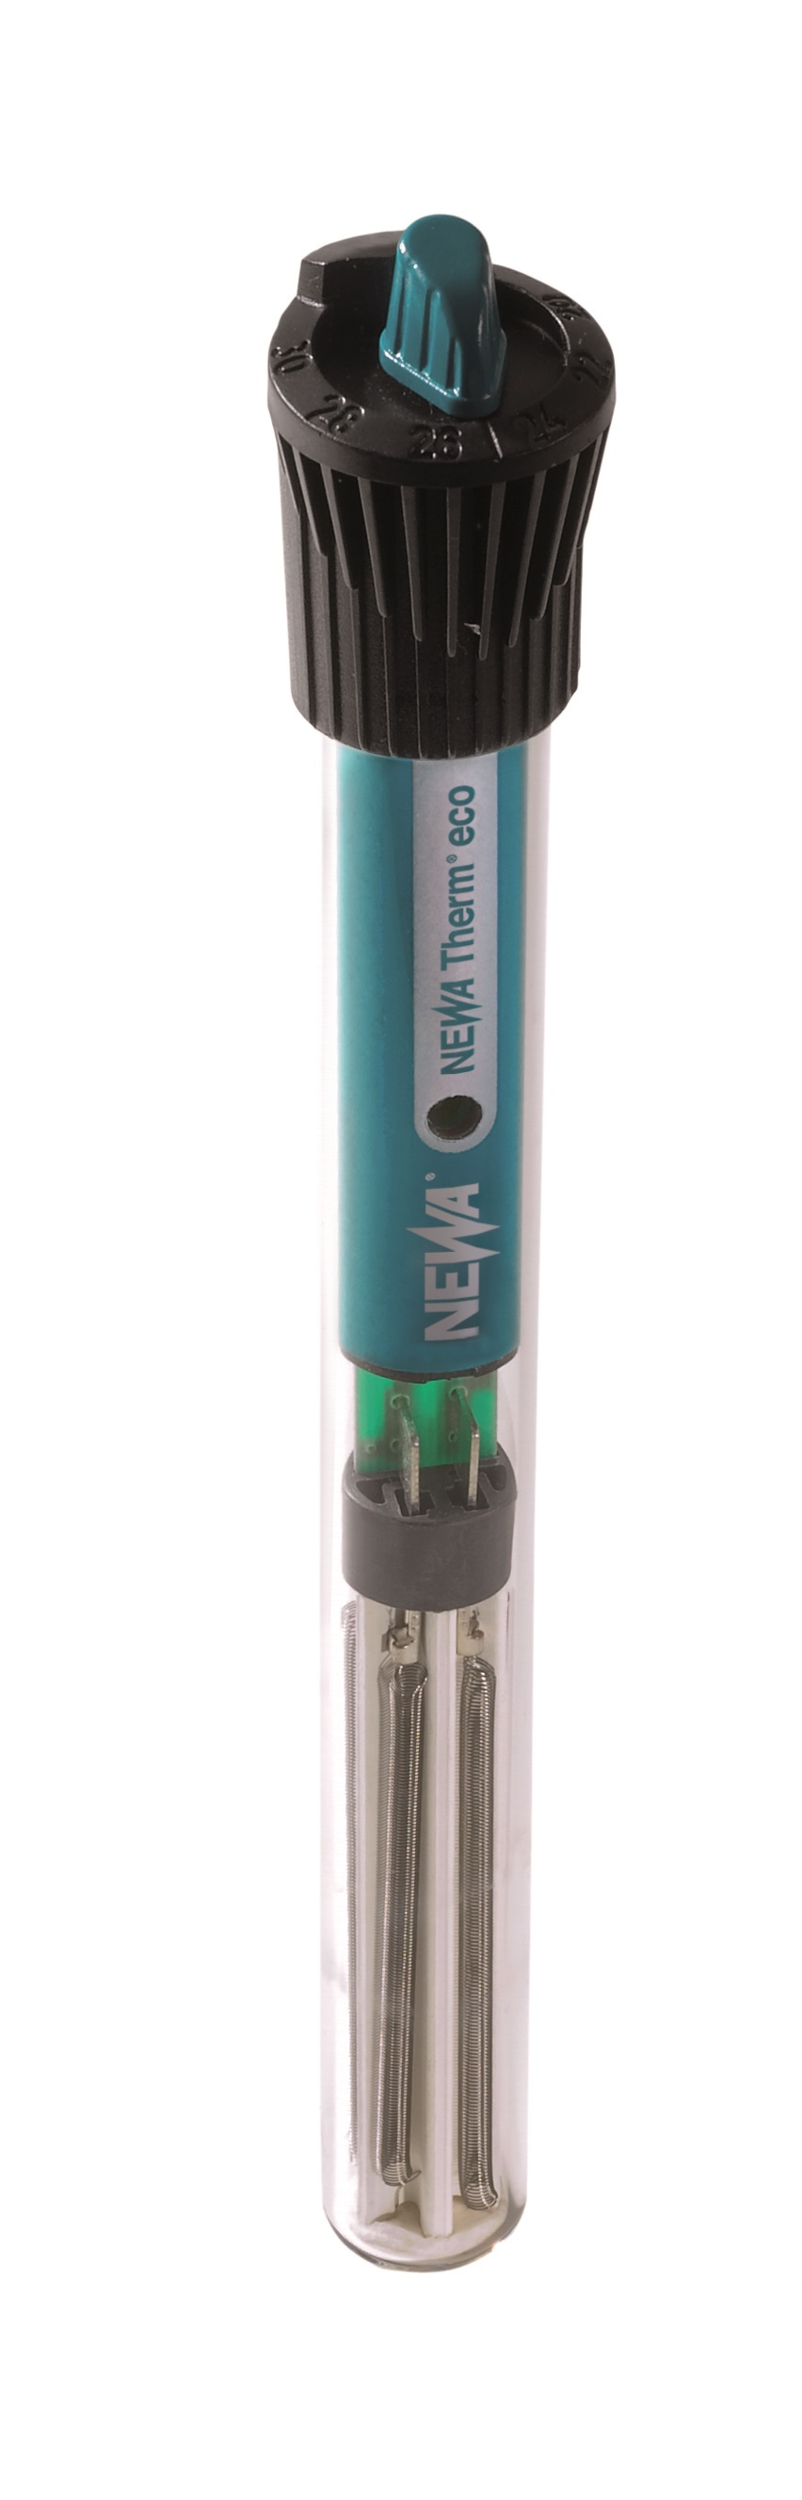 NEWA Therm Eco 100W chauffage avec thermostat intégré pour aquarium de 50 à 100 L